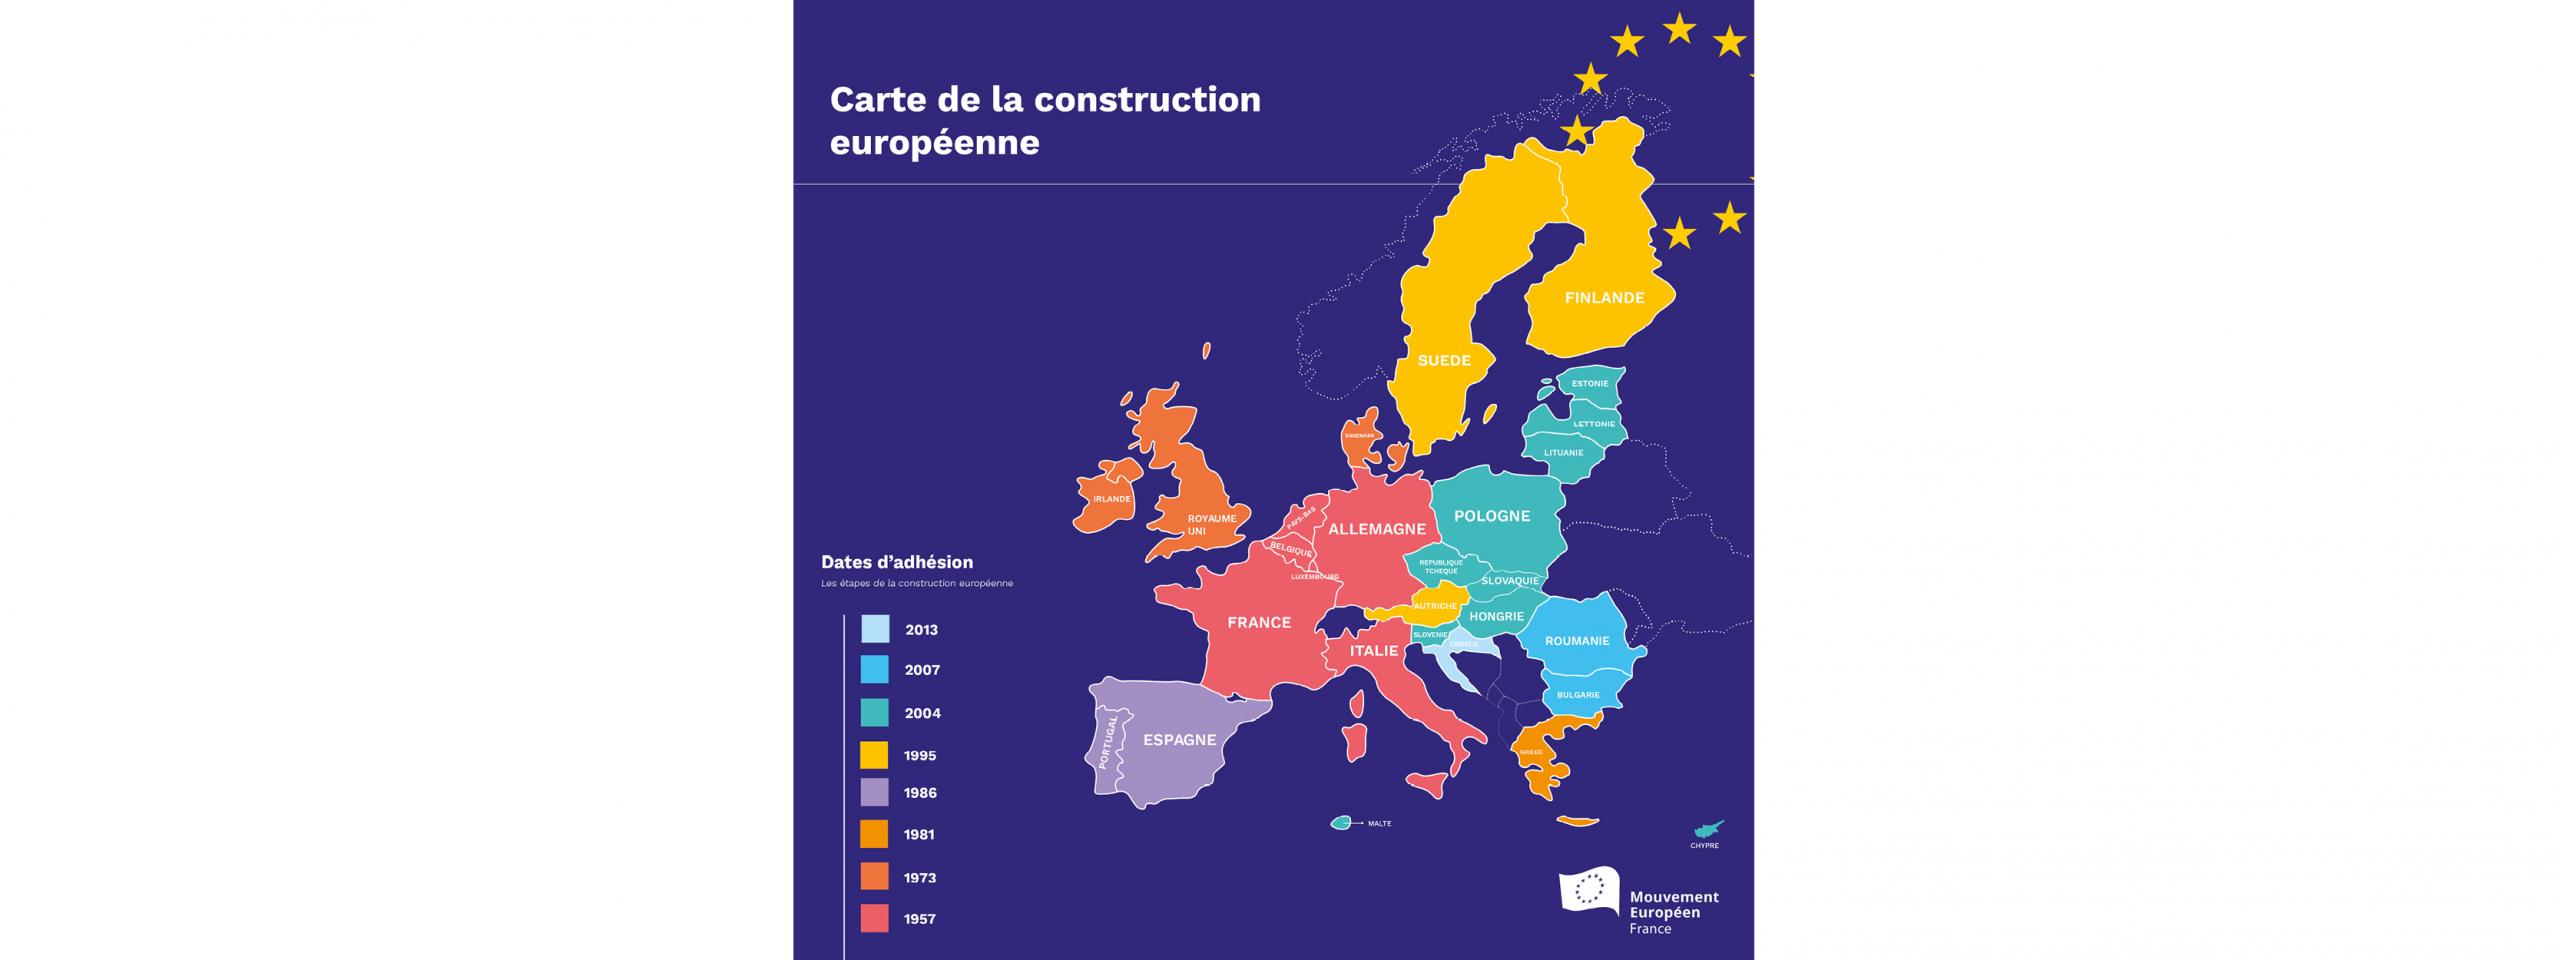 Union Européenne : La Construction Européenne En Carte encequiconcerne Carte Vierge De L Union Européenne